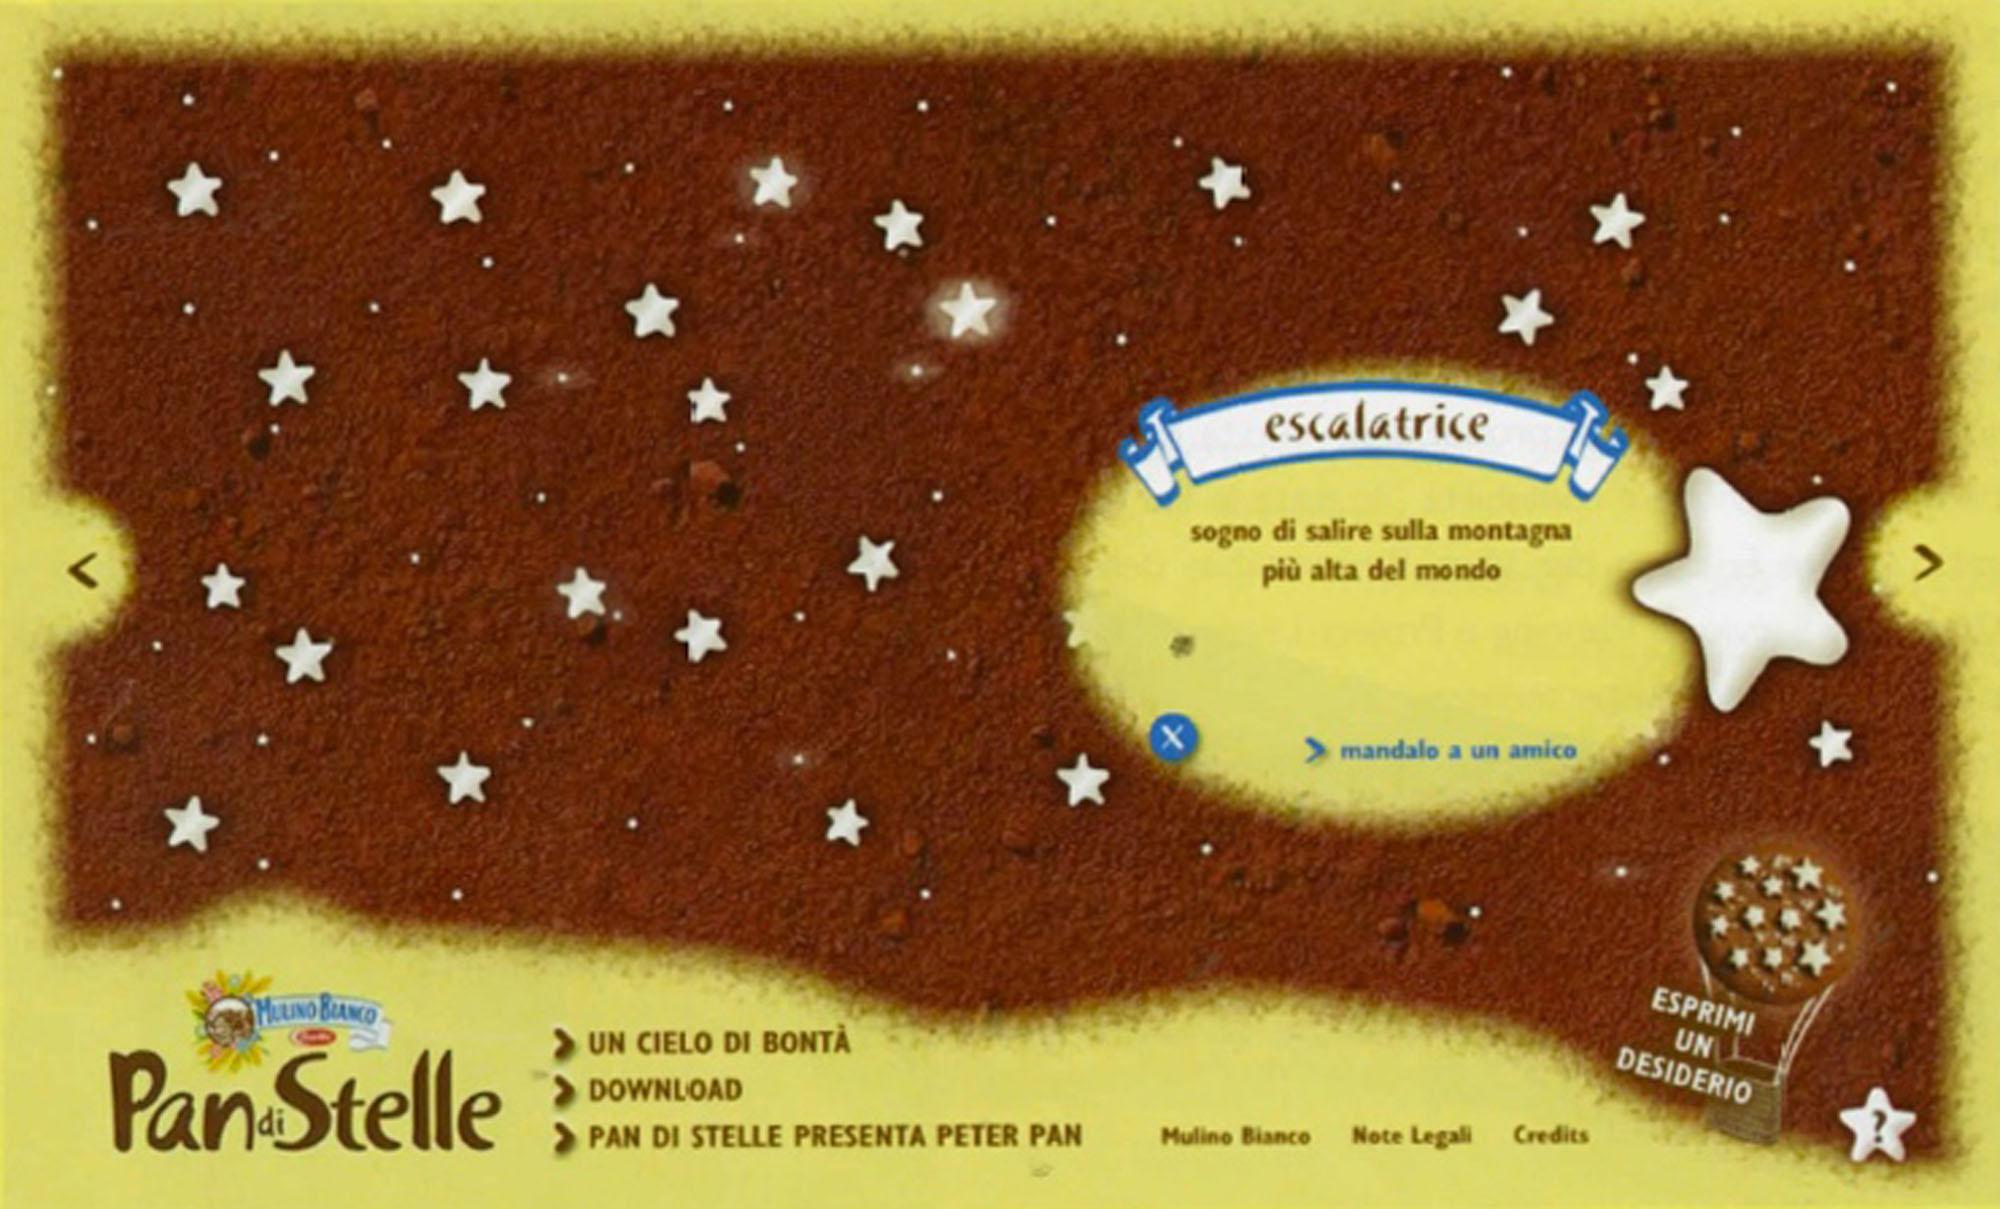 Website, 2007